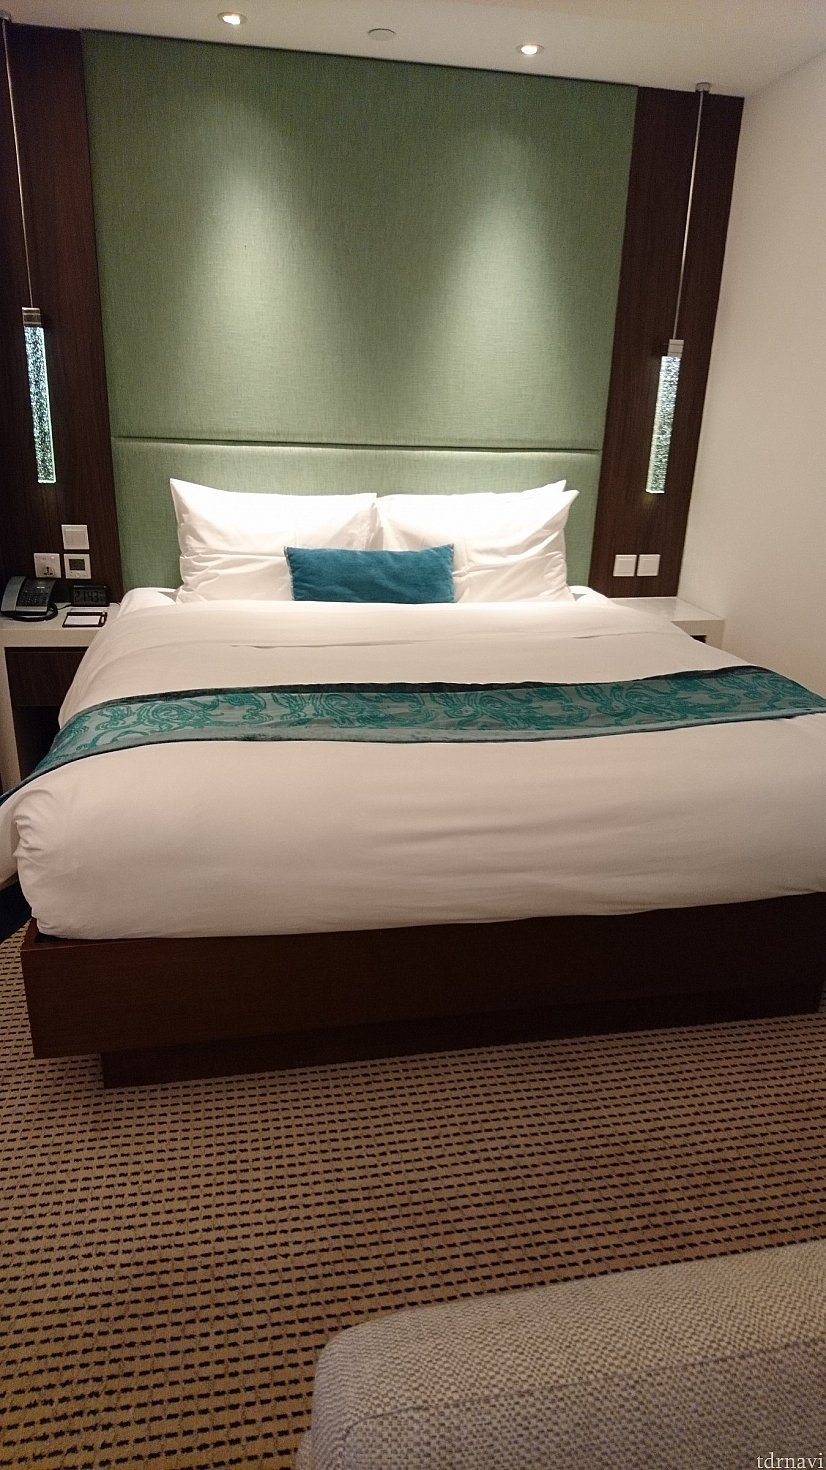 大きなベッド!1人占めだったのでとても広かったです😃